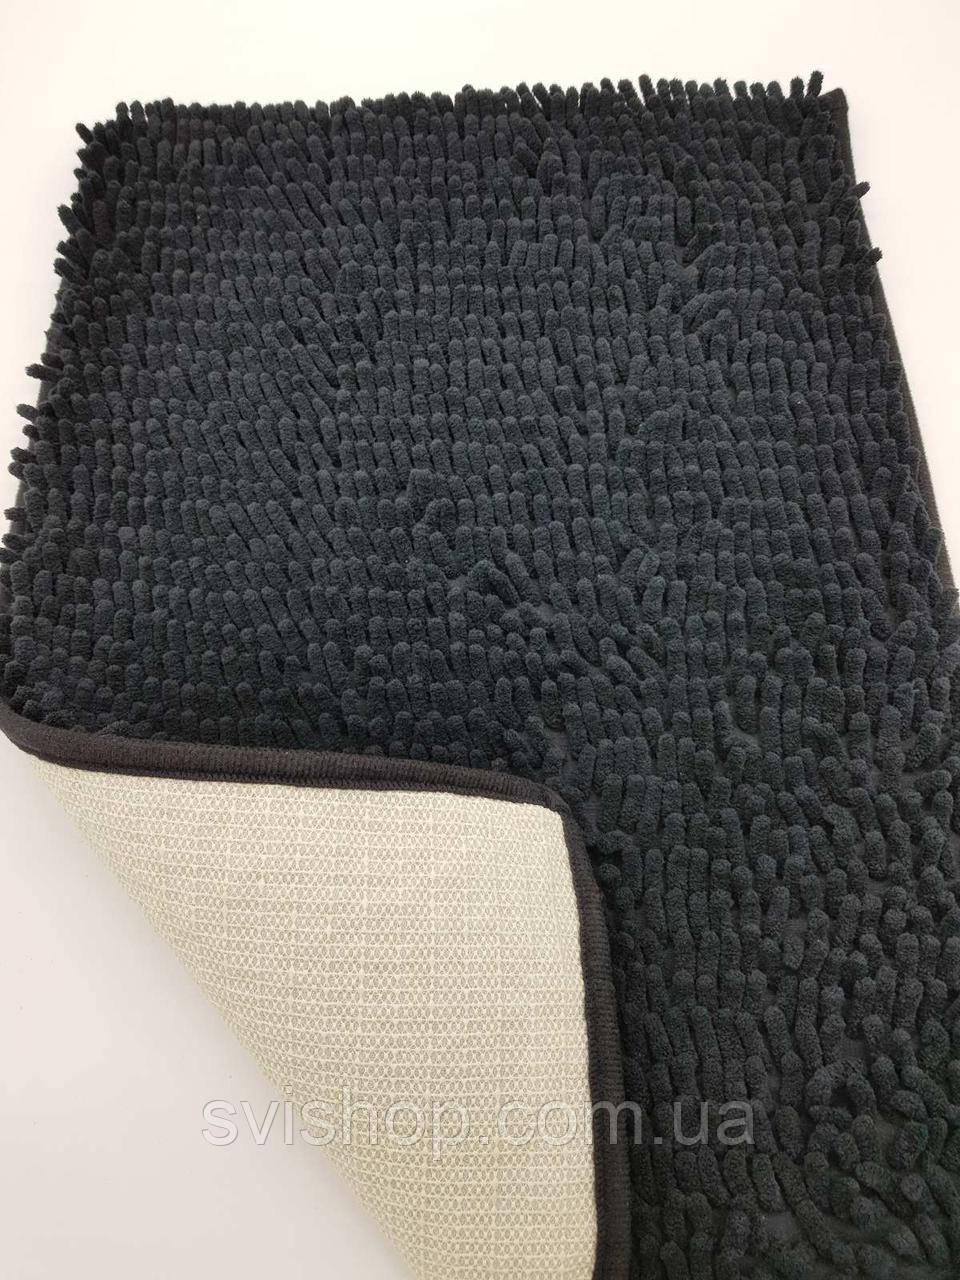 Коврик для ванной из микрофибры лапша 40х60см.Чёрный цвет.